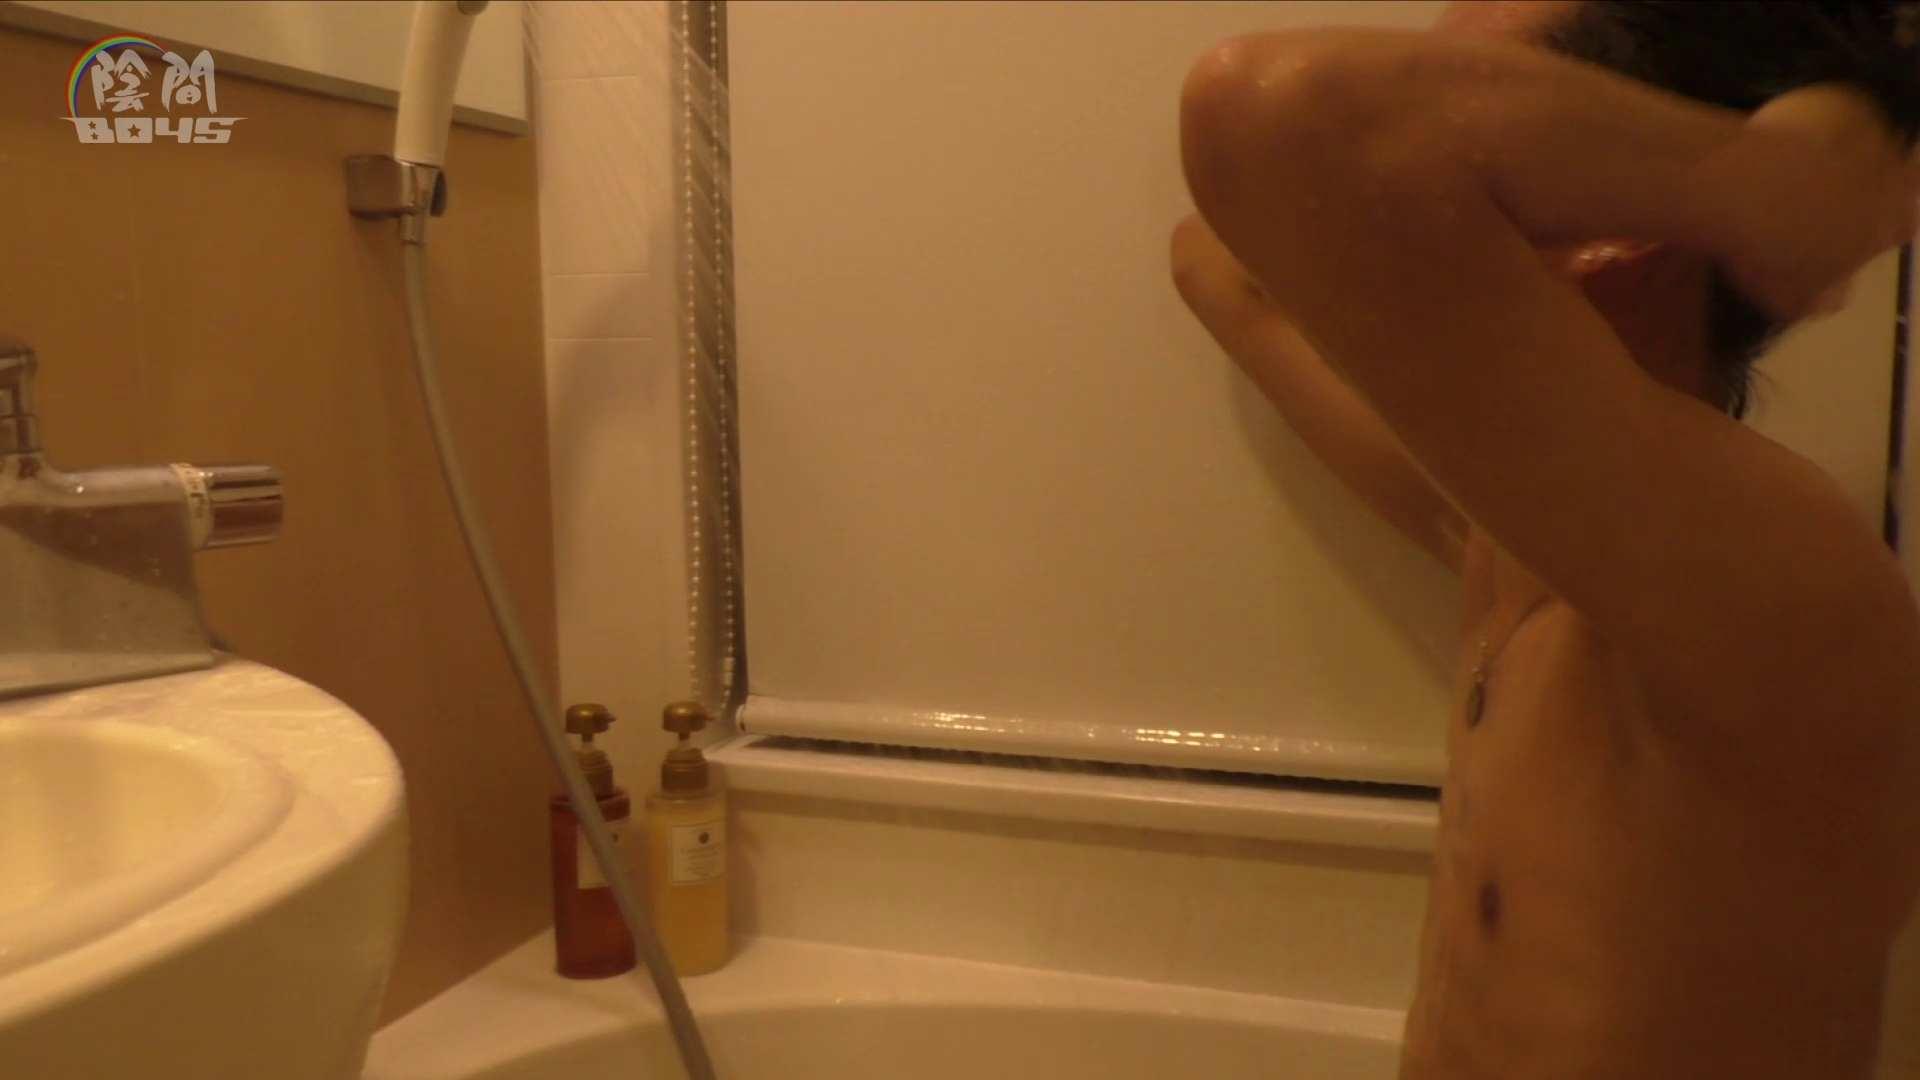 陰間BOYS~「アナルだけは許して…3」~02 入浴・シャワー丸見え ゲイ無修正ビデオ画像 72pic 25